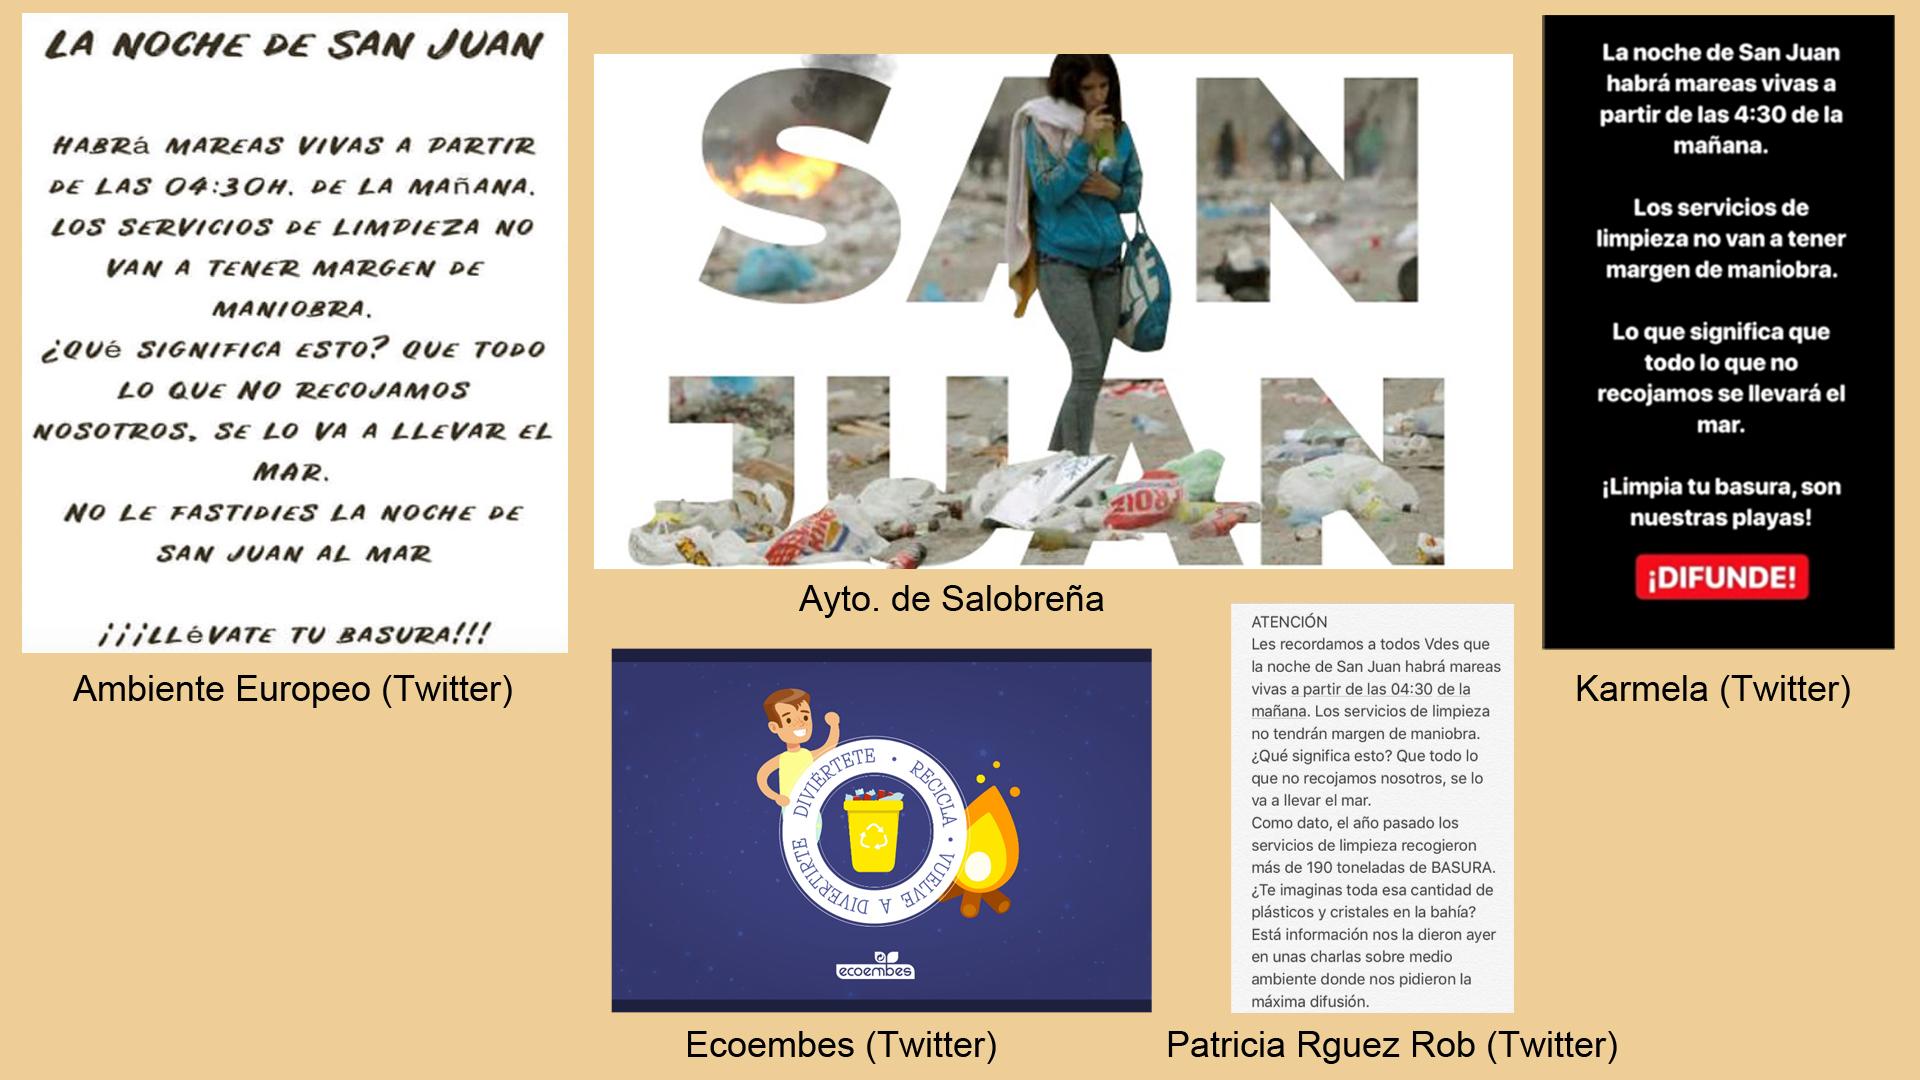 Varios carteles y mensajes animan a respetar las playas en la noche de San Juan